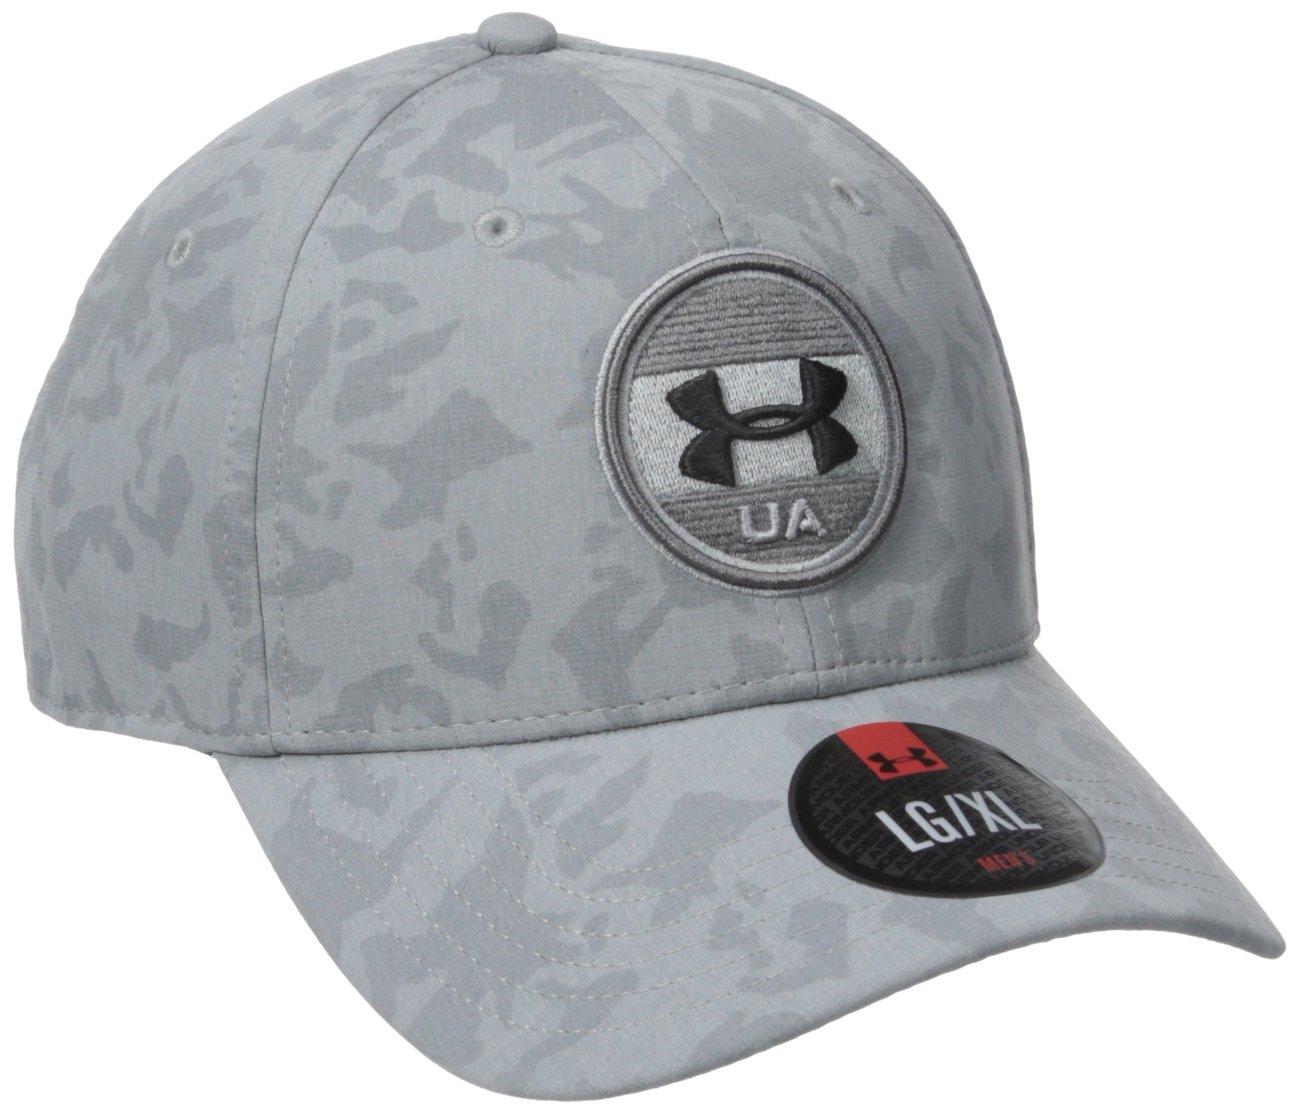 2591252d05f Cheap under armour men s ua classic stretch fit cap Buy Online ...